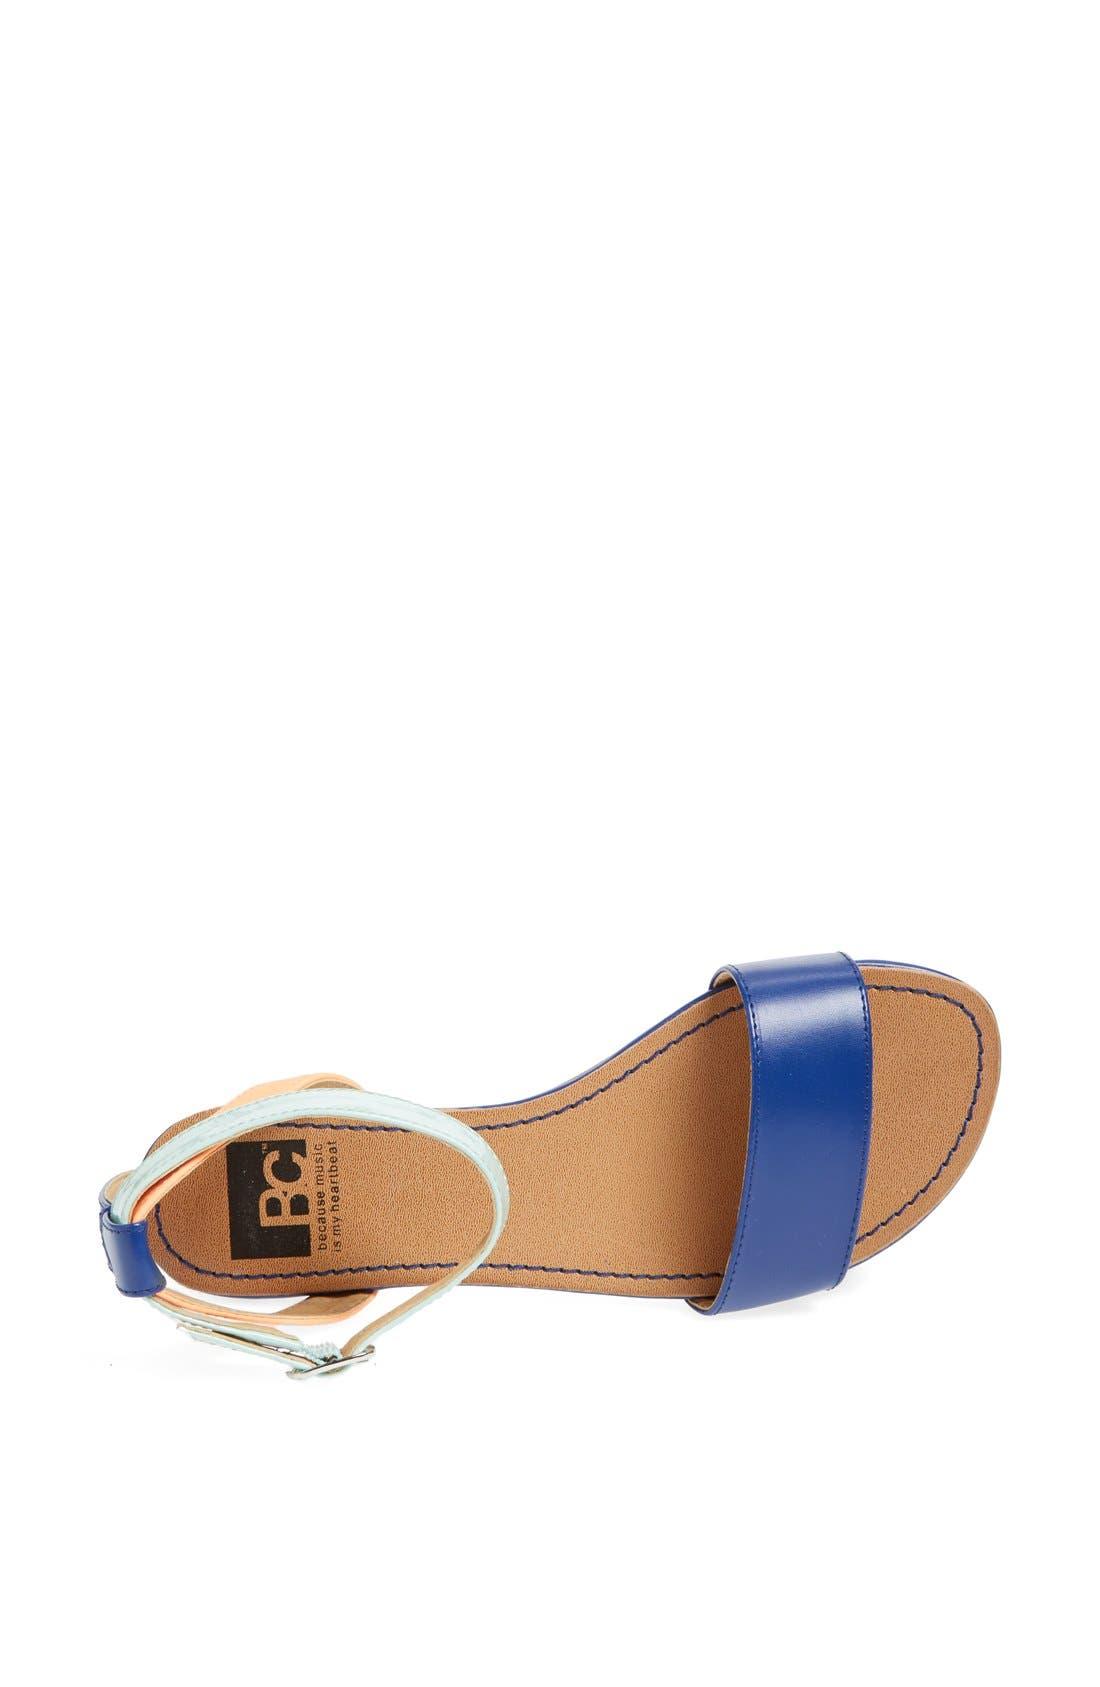 Alternate Image 3  - BC Footwear 'Natural Instincts' Sandal